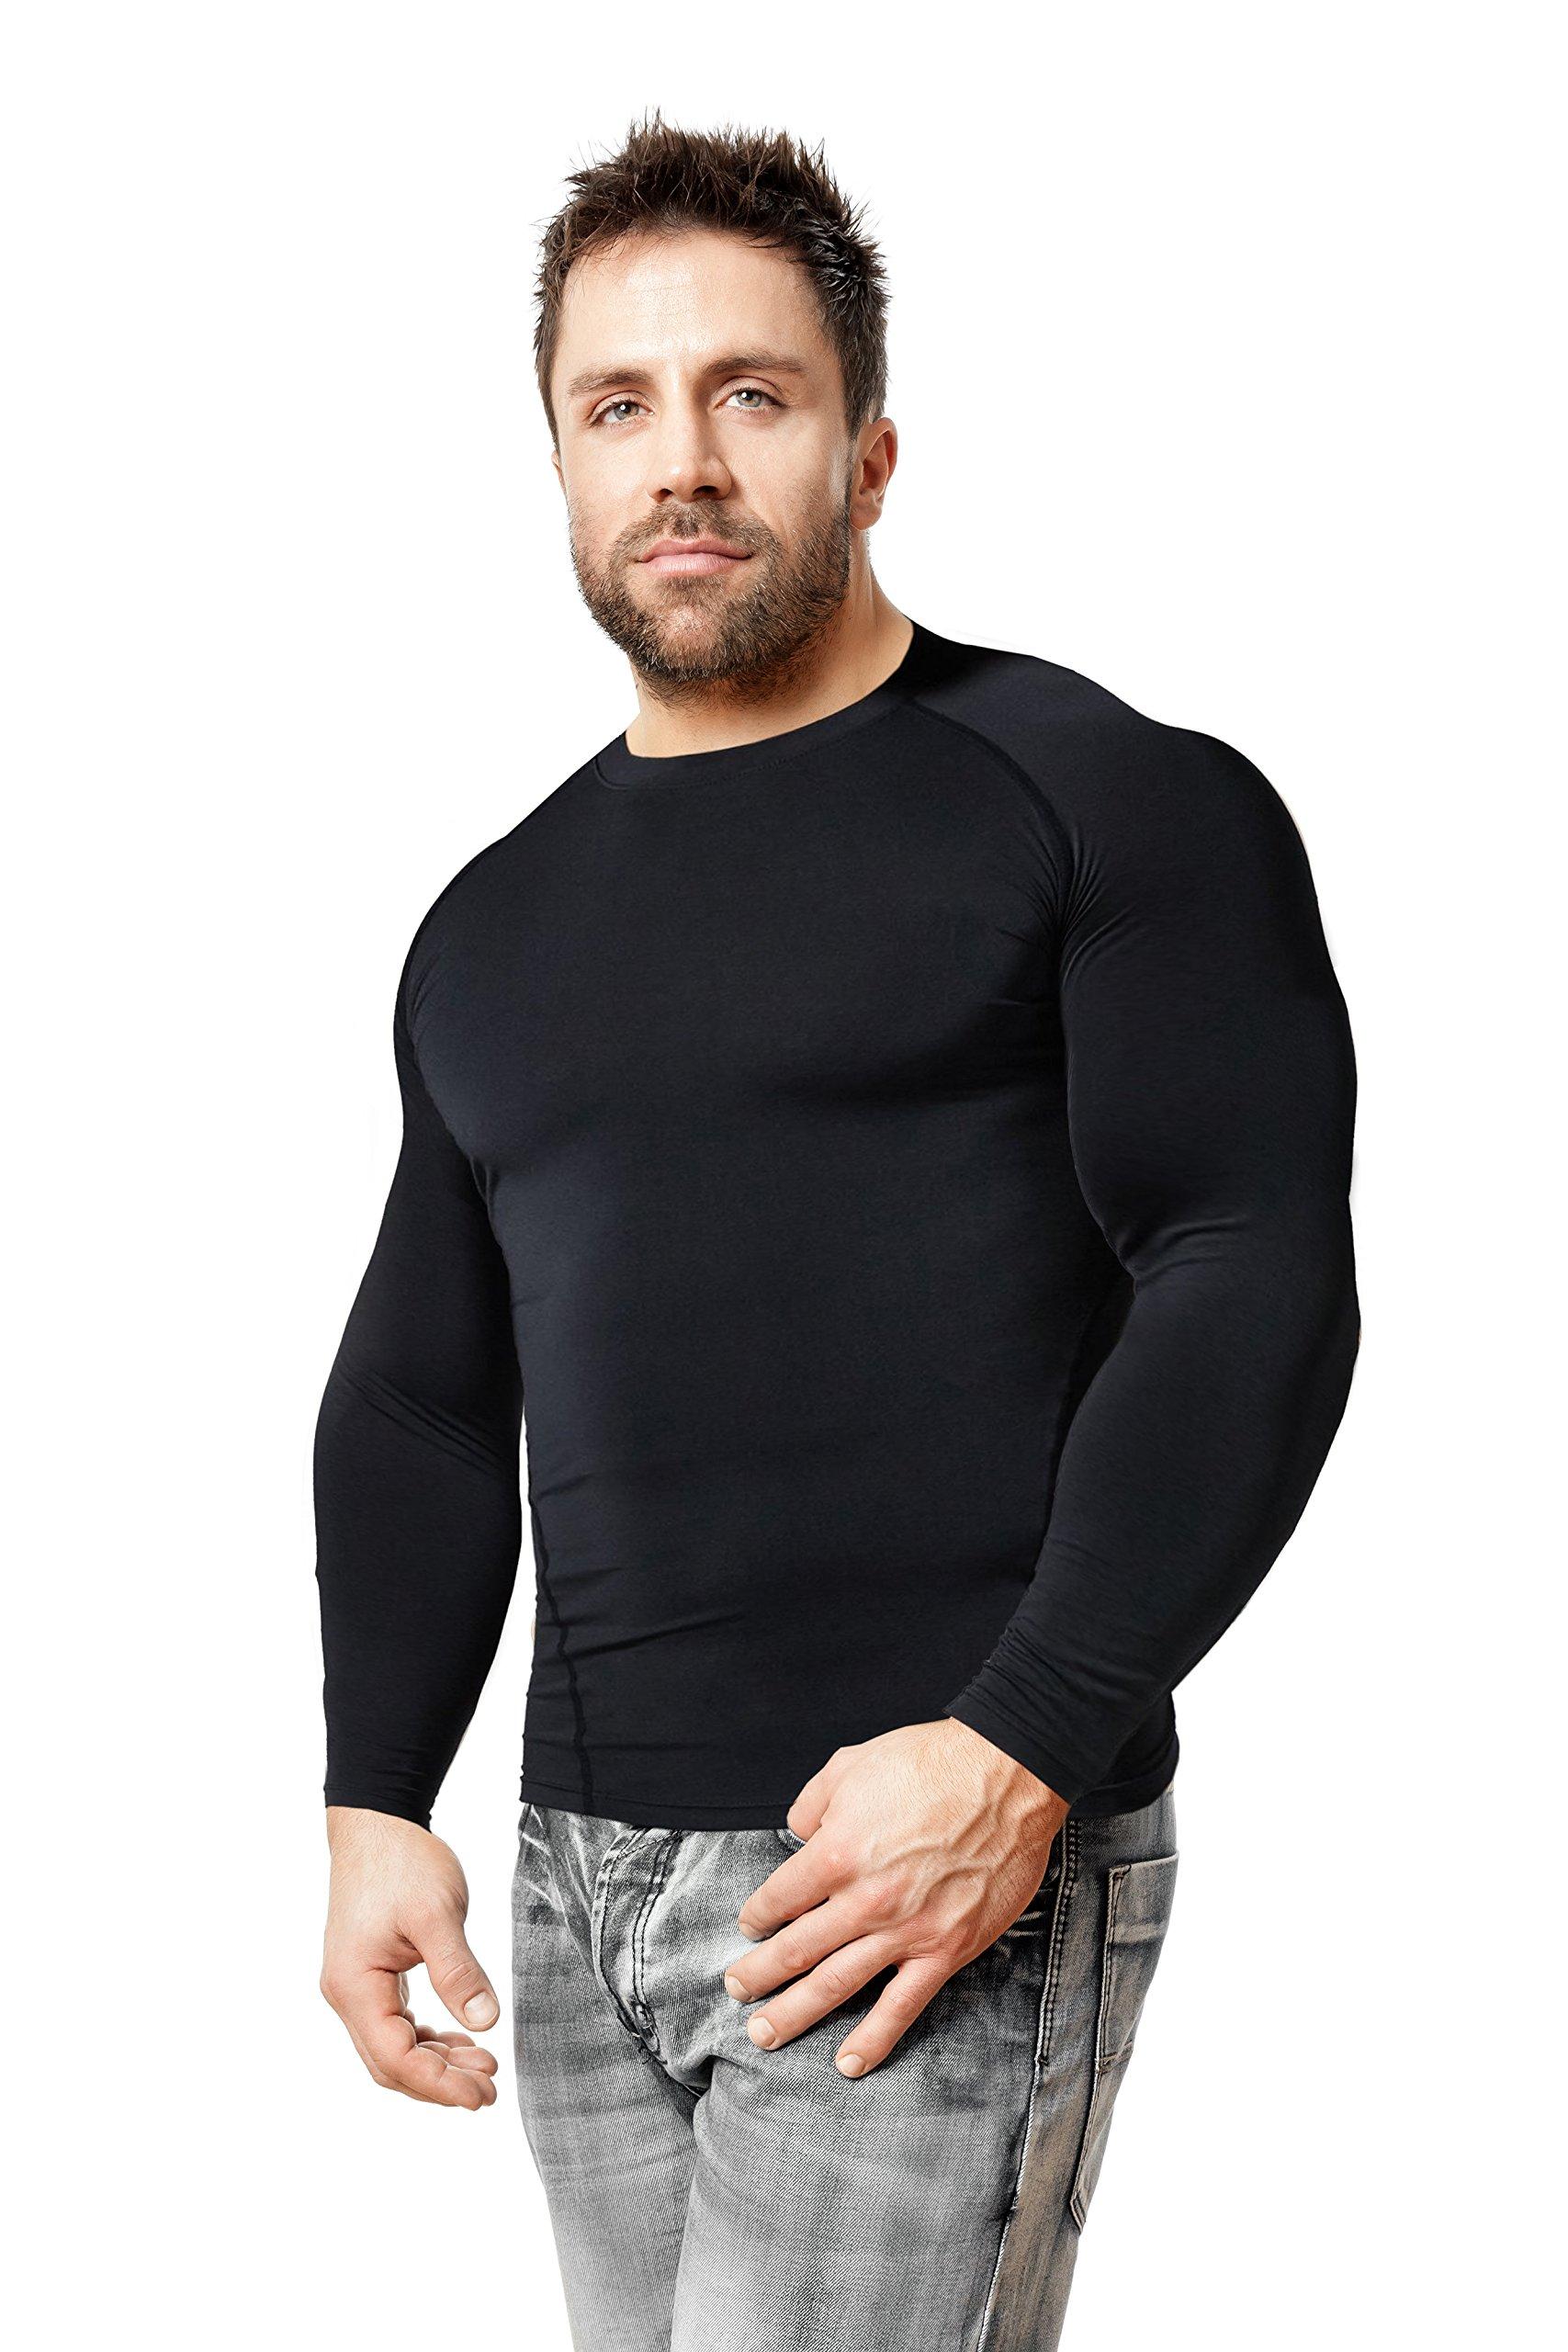 Amazon.com: Copper Compression Recovery Shorts/Underwear